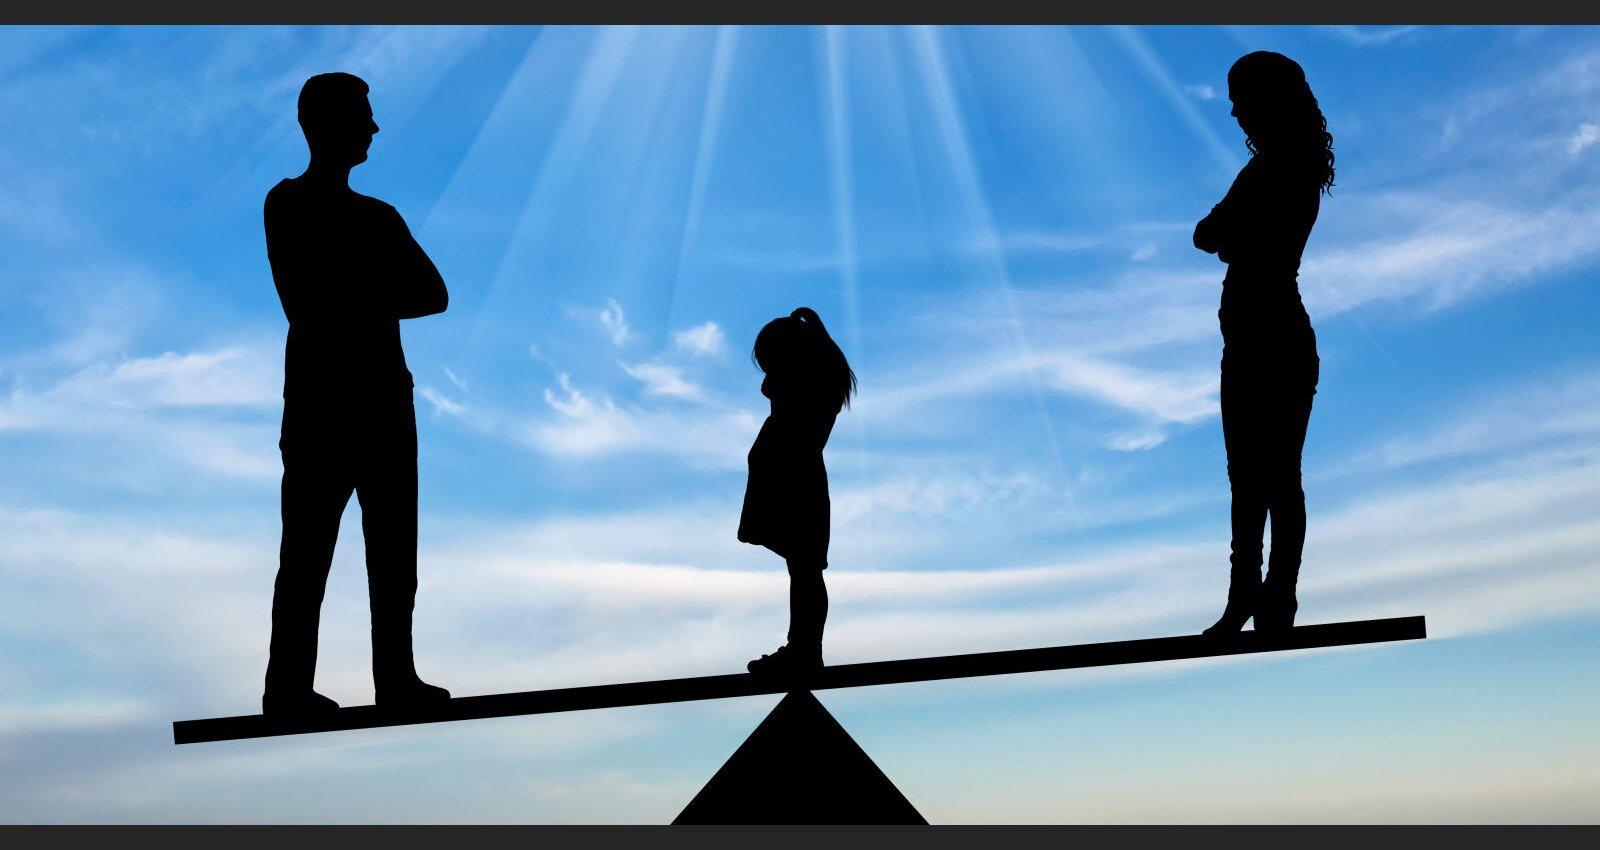 Bērnam trauma uz mūžu. Bāriņtiesas psiholoģe par seriālu cienīgām šķiršanās prāvām